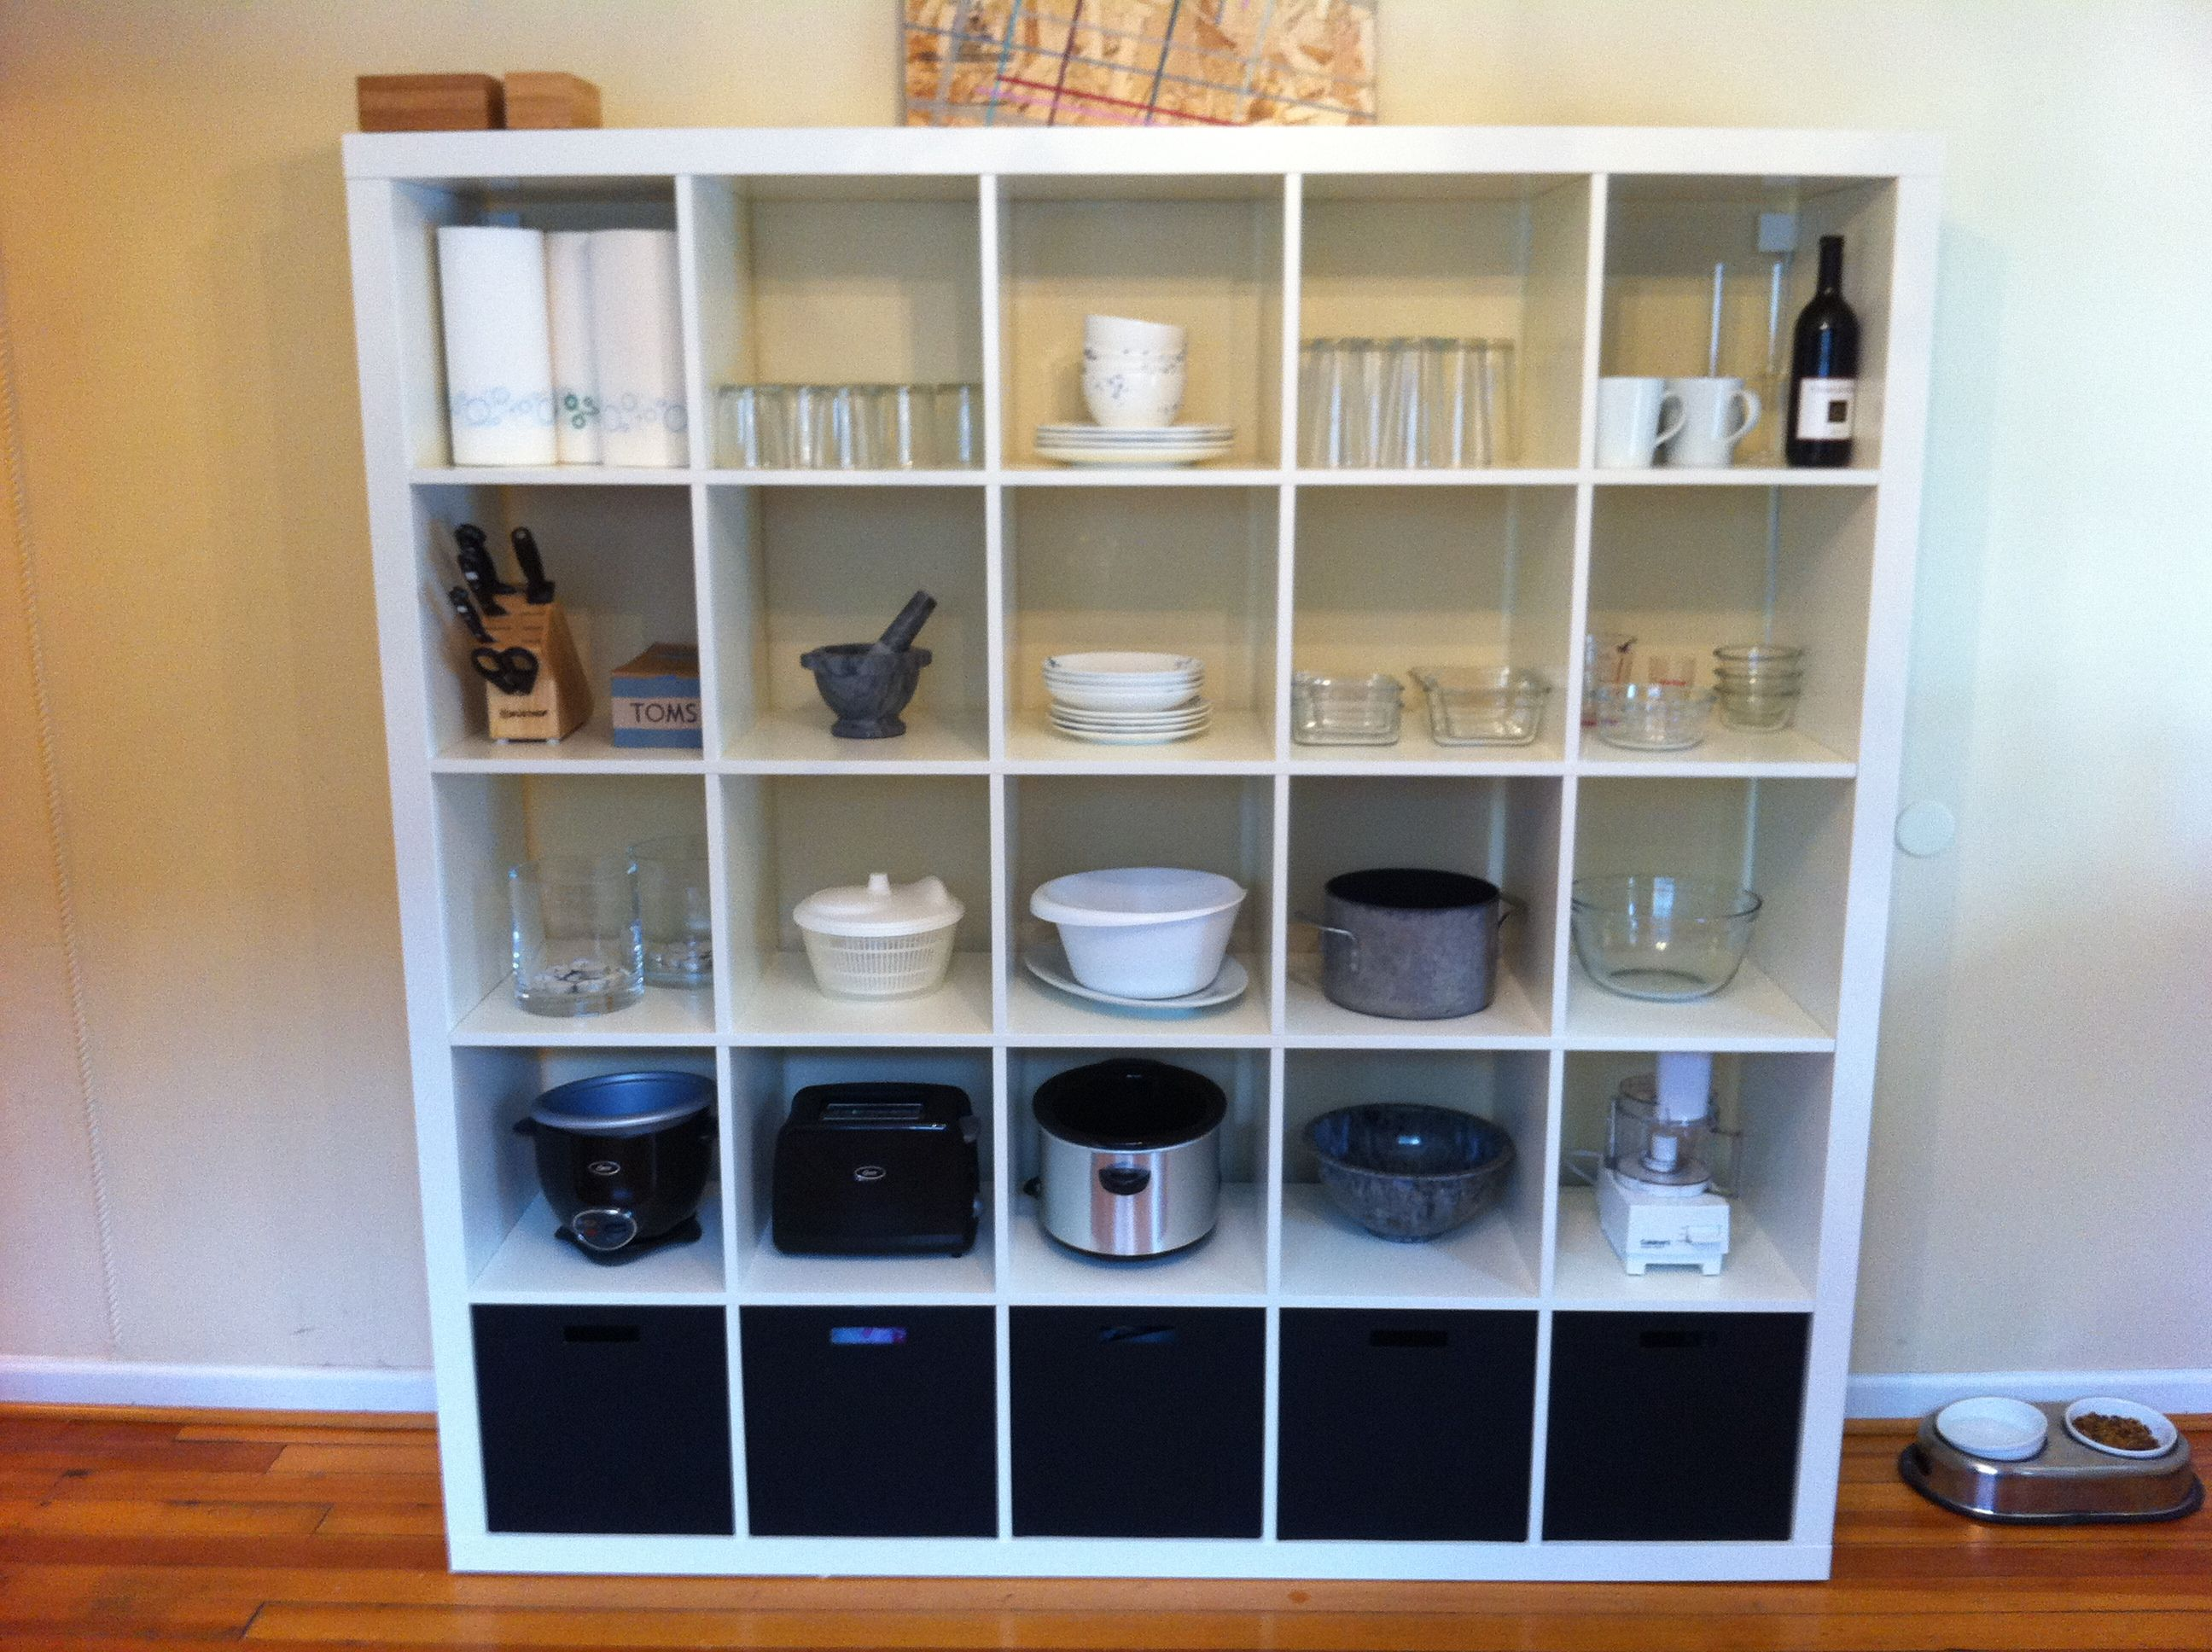 expedit kitchen storage living. Black Bedroom Furniture Sets. Home Design Ideas